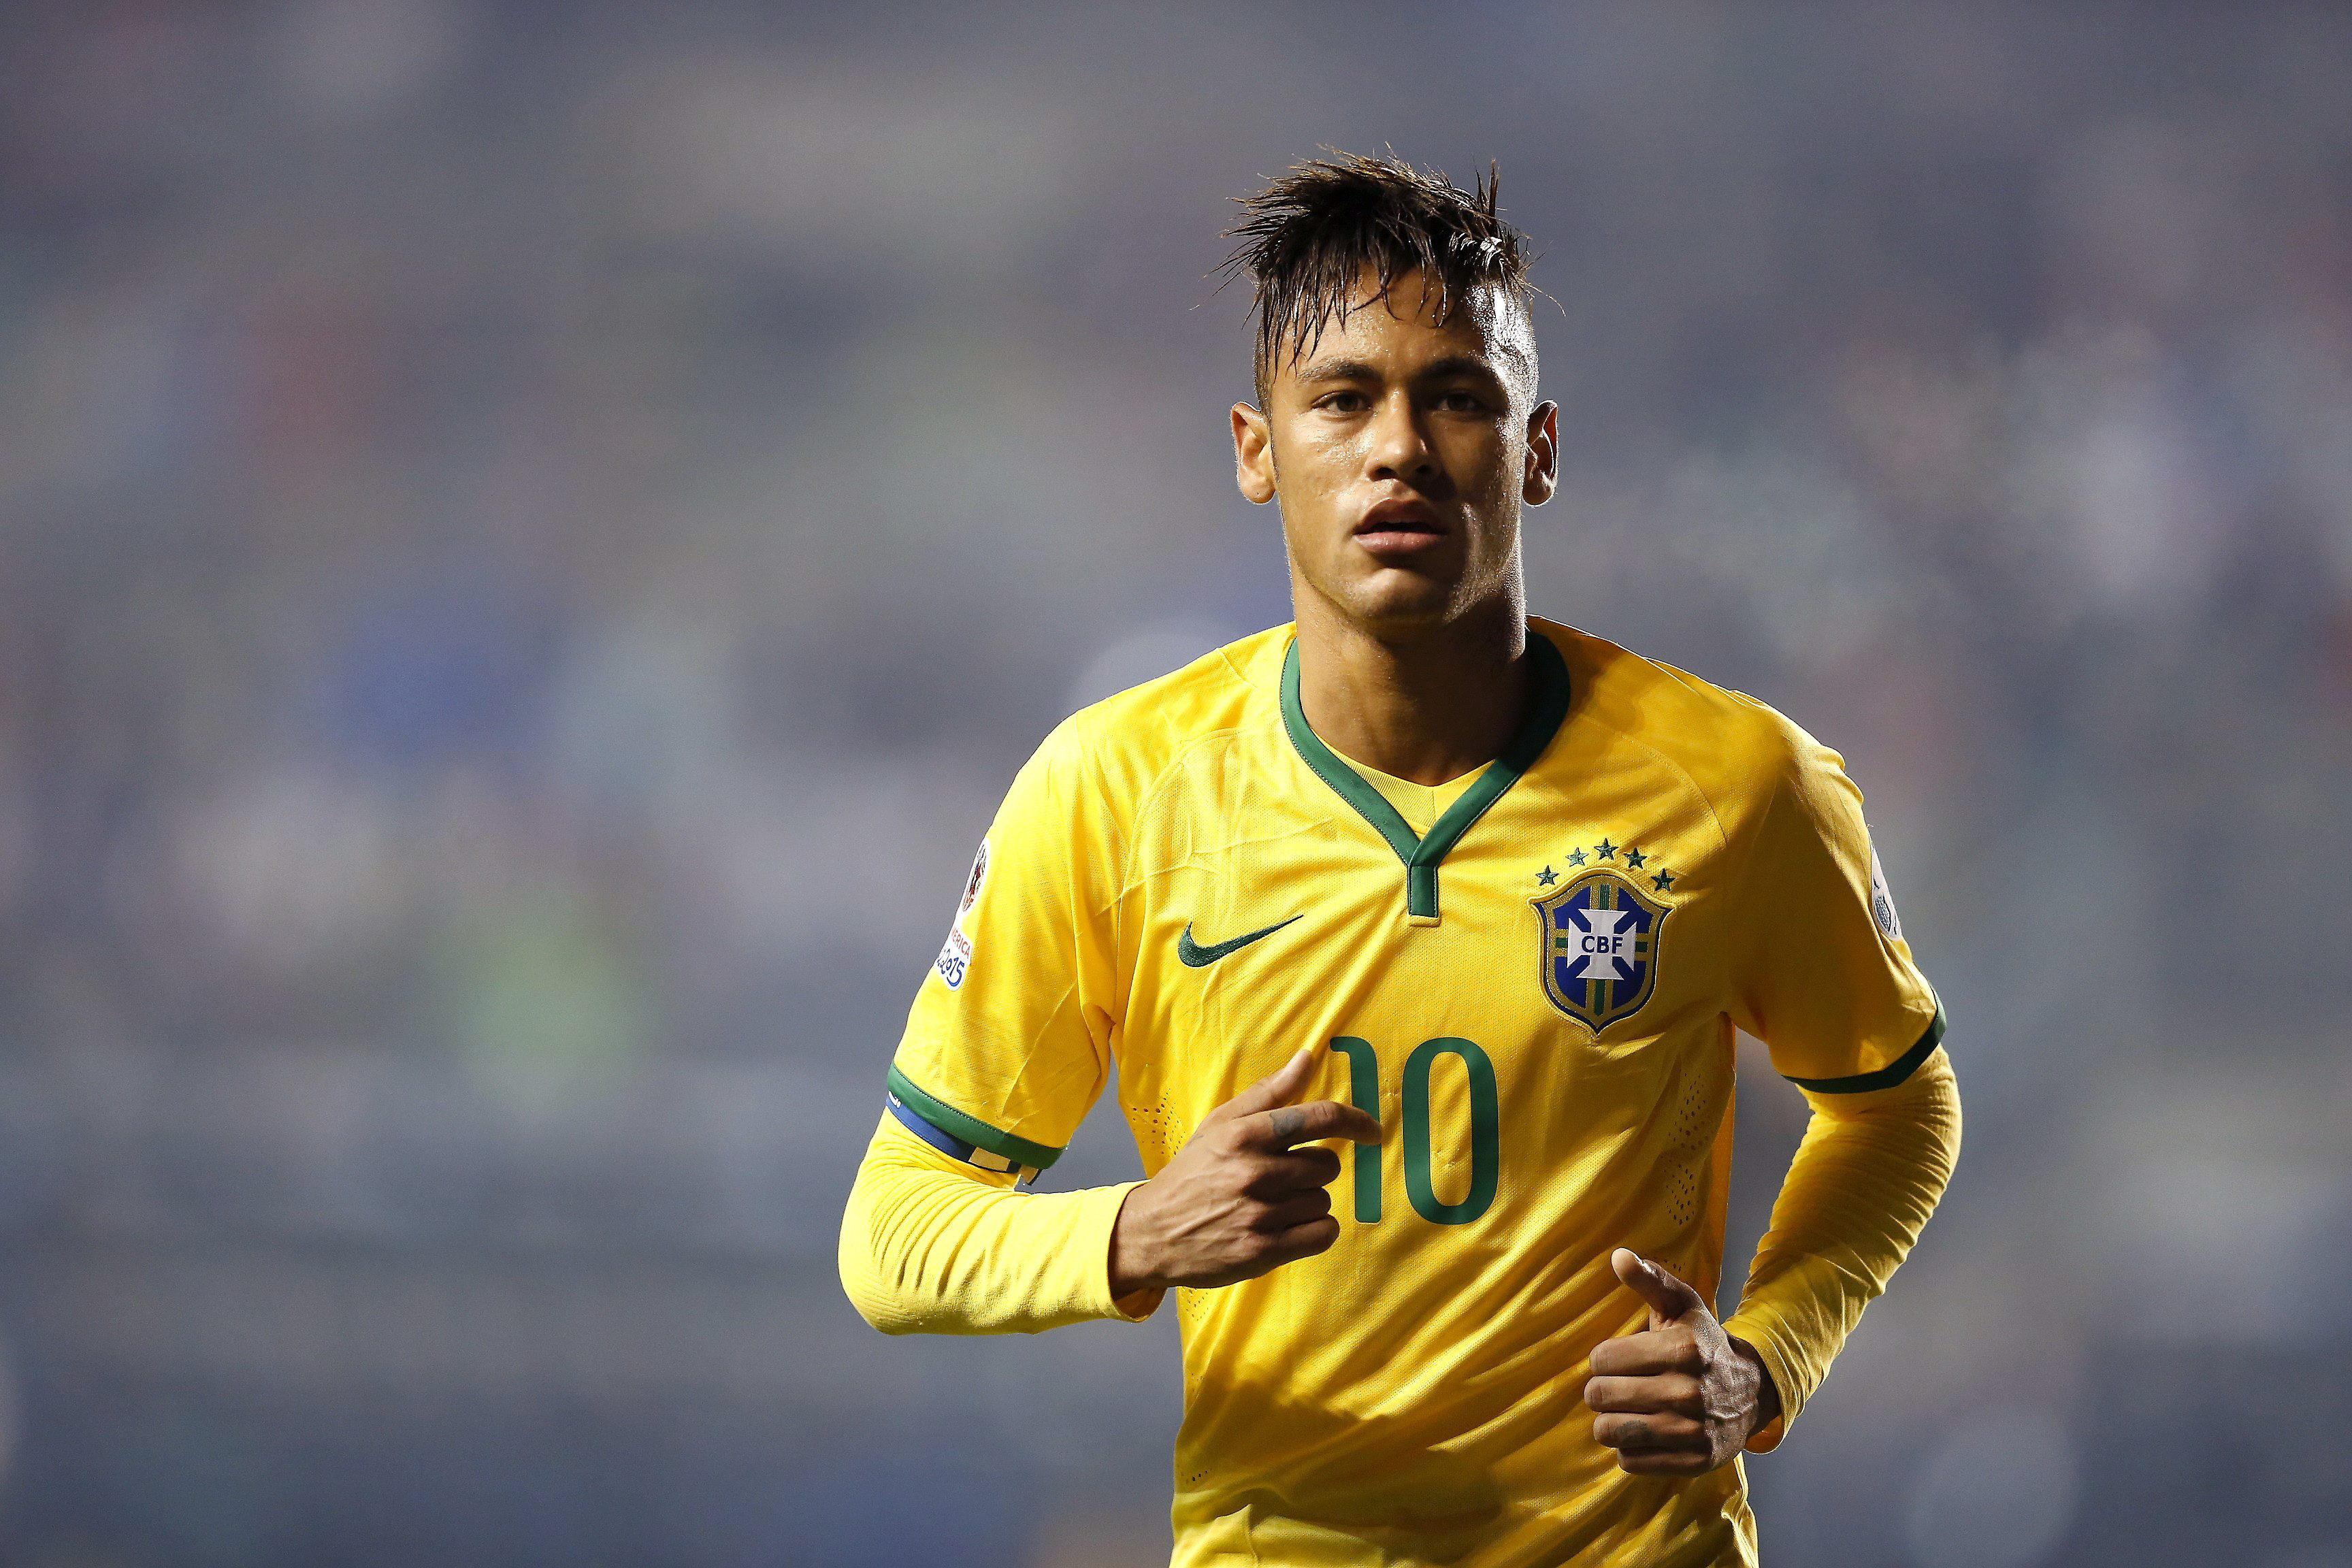 Capita revela preferência por Neymar na Olimpíada